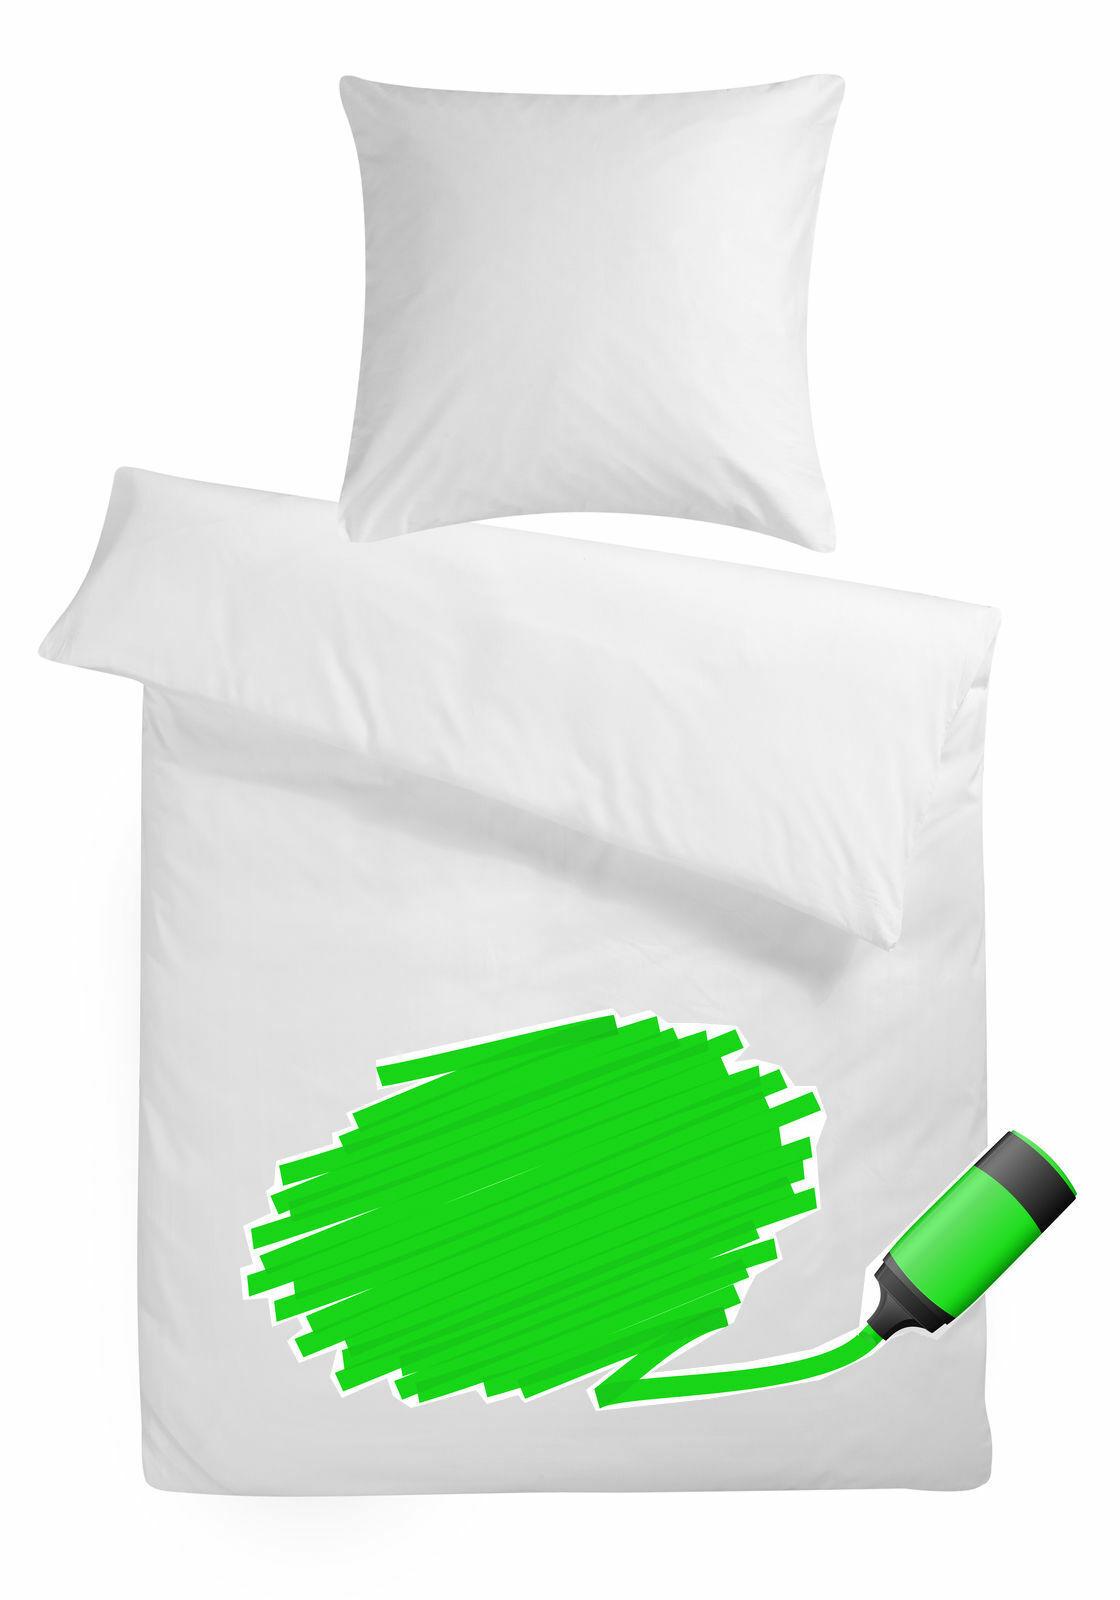 Bettwäsche Mako Satin zum bemalen 5 Textilmarker Baumwoll Garnitur Bettbezug Set